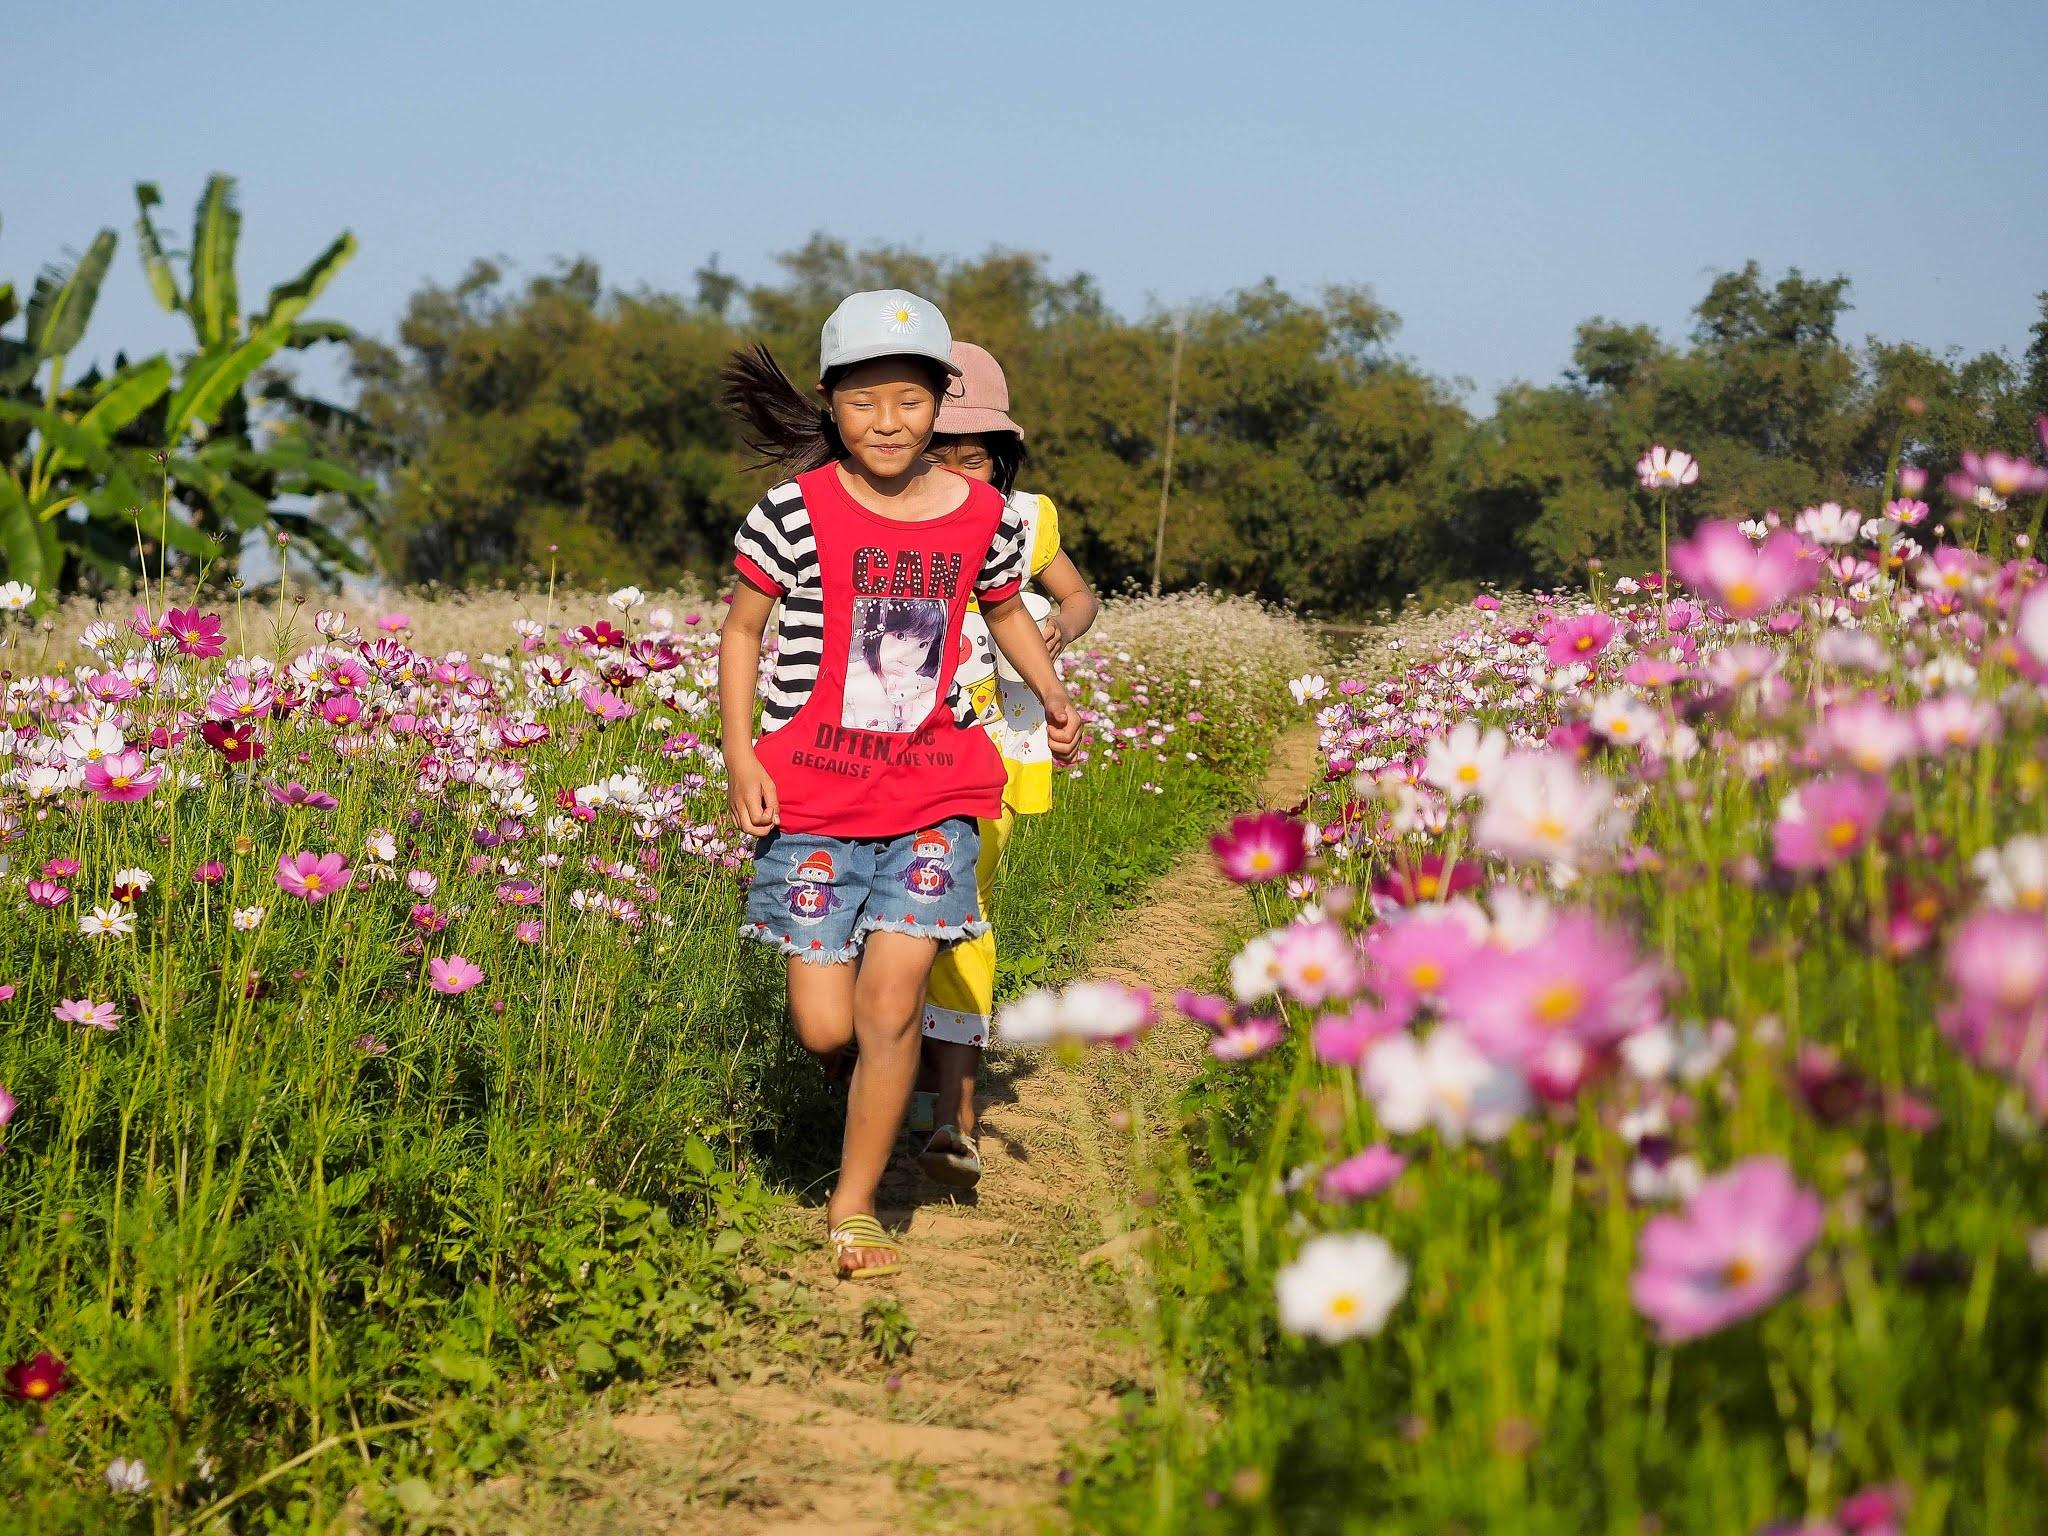 Nông trại ven sông Điện Phương, địa điểm chụp ảnh không thể bỏ lỡ khi đến Hội An